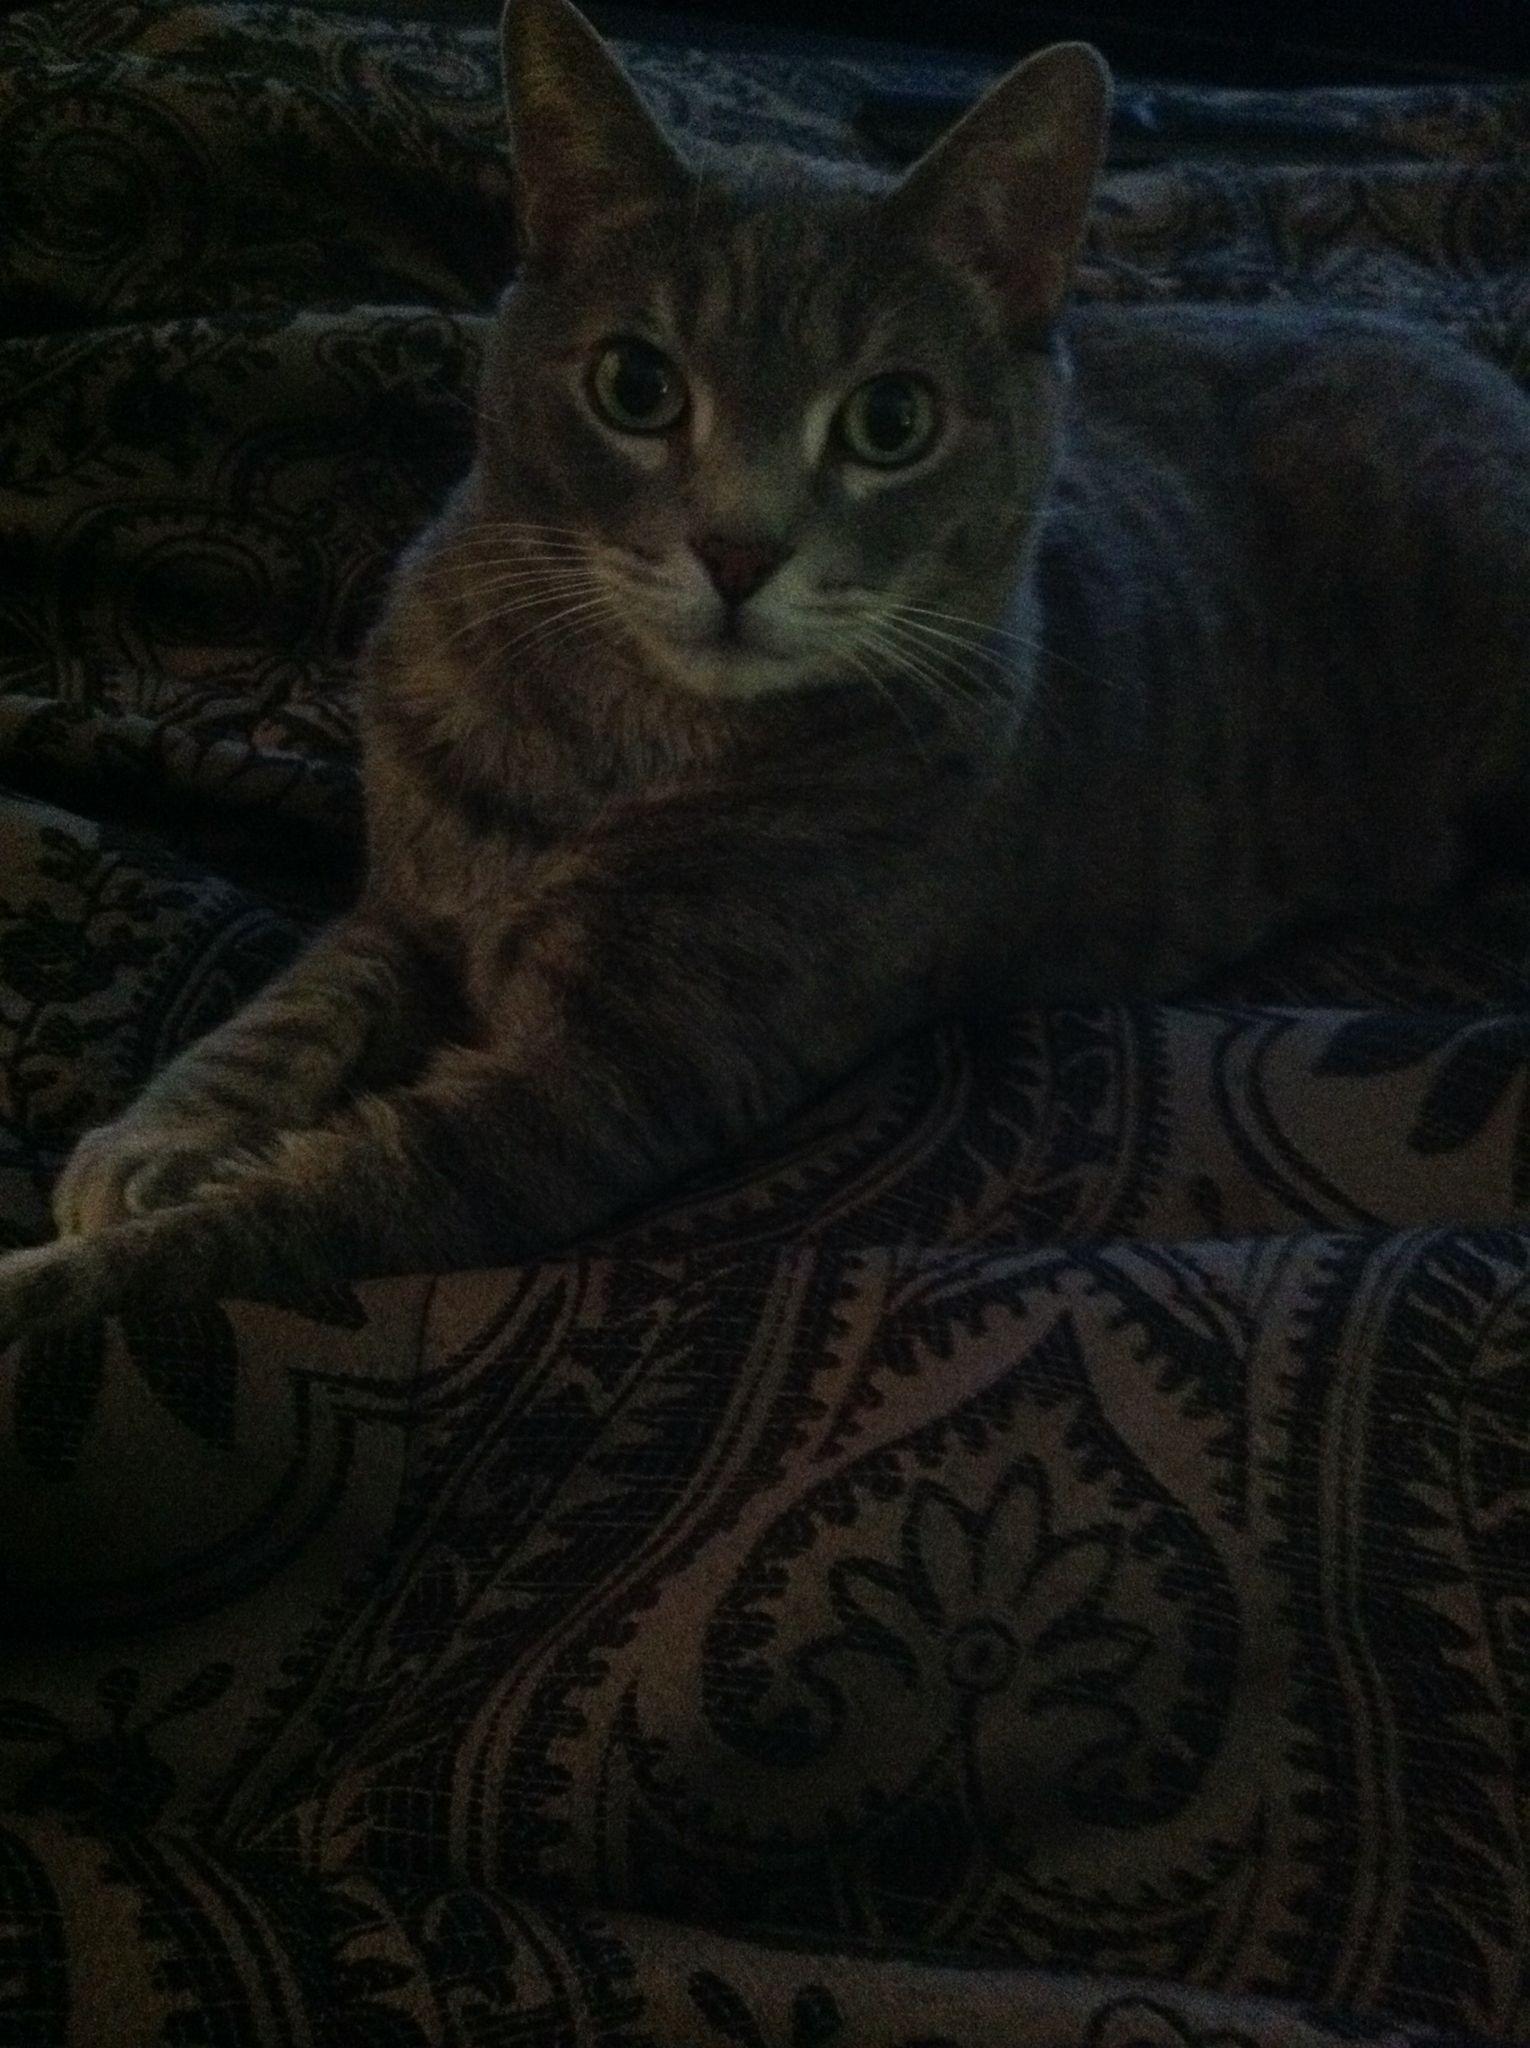 My boy Bubba....miss him so much.